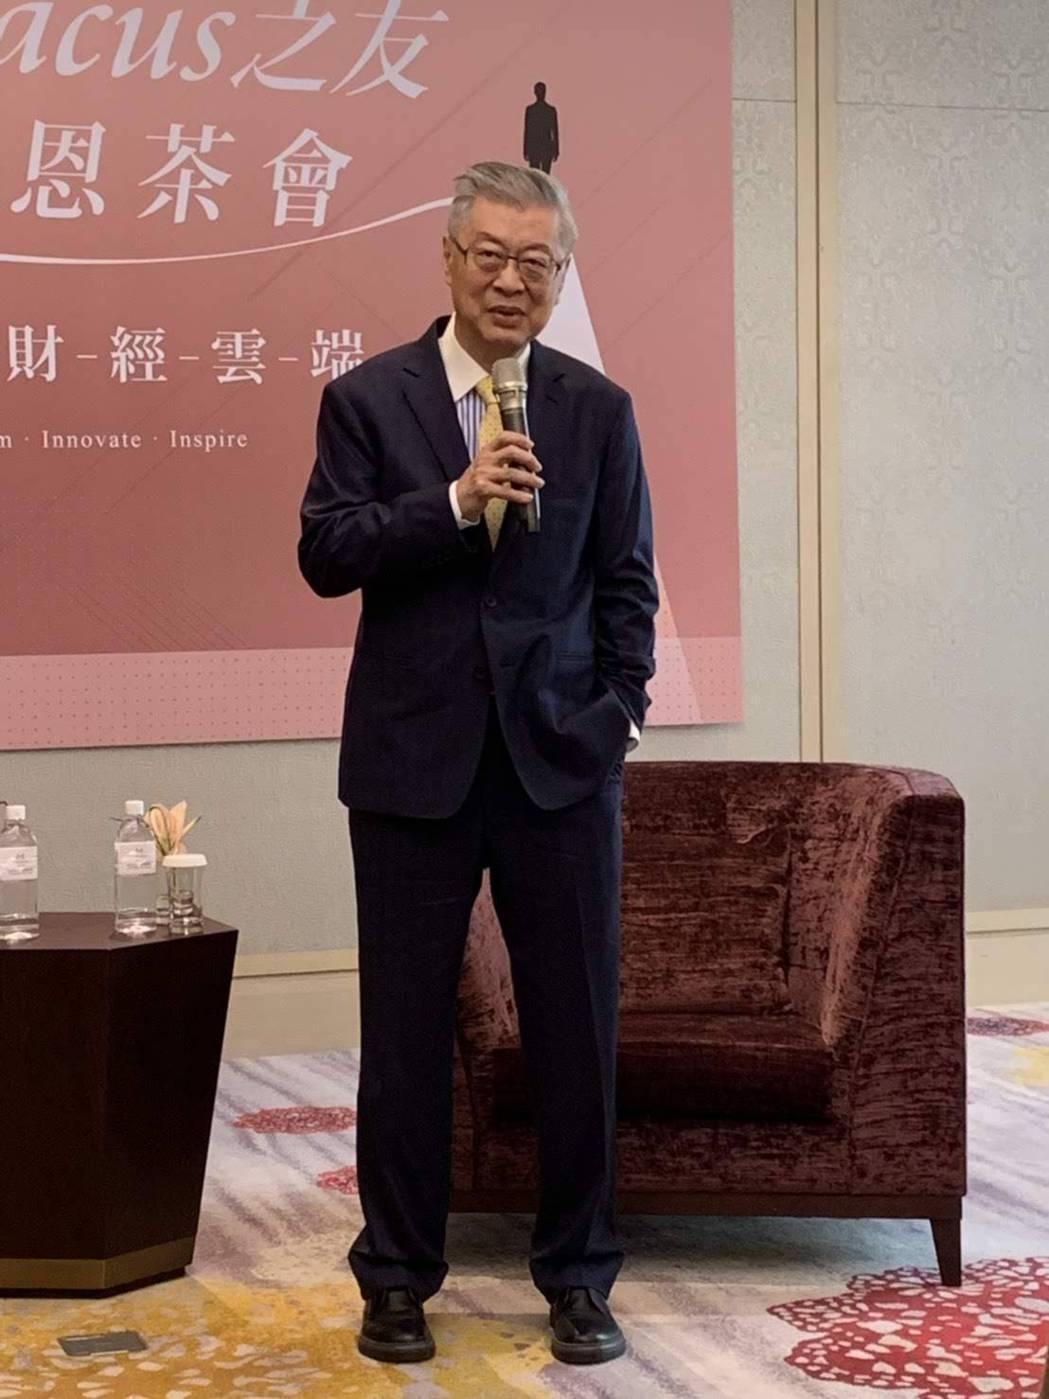 中國大陸正式提交加入CPTPP申請書,已見快沒招了,陳冲建議 ,台灣可以考慮從「...